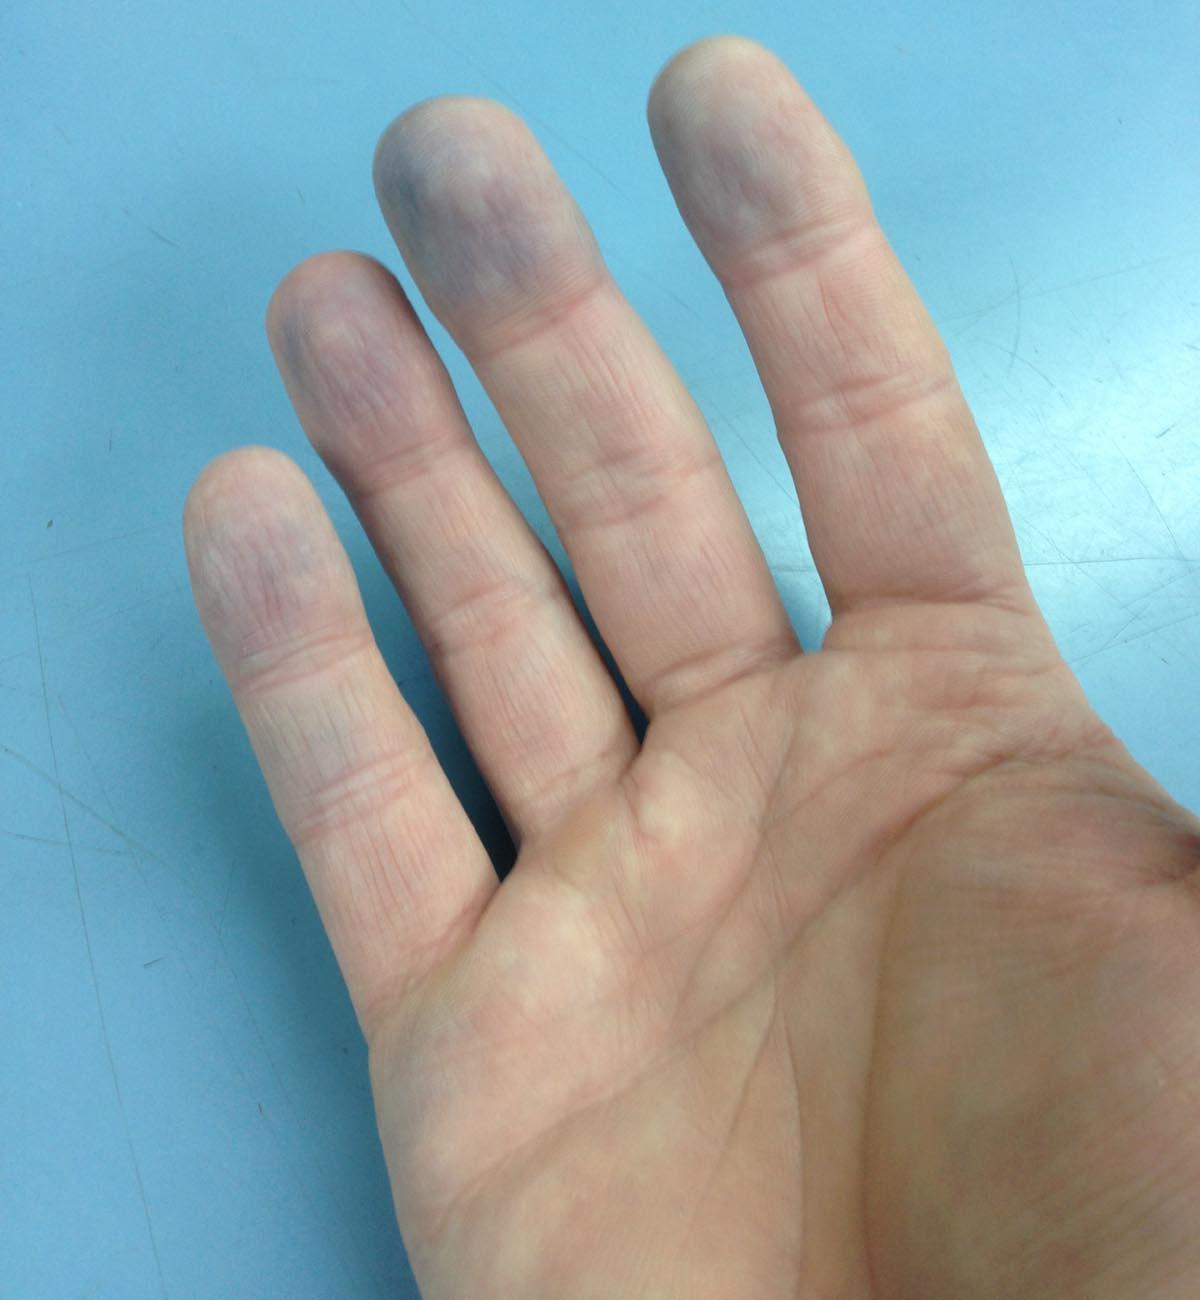 sine opuszki palców u rąk